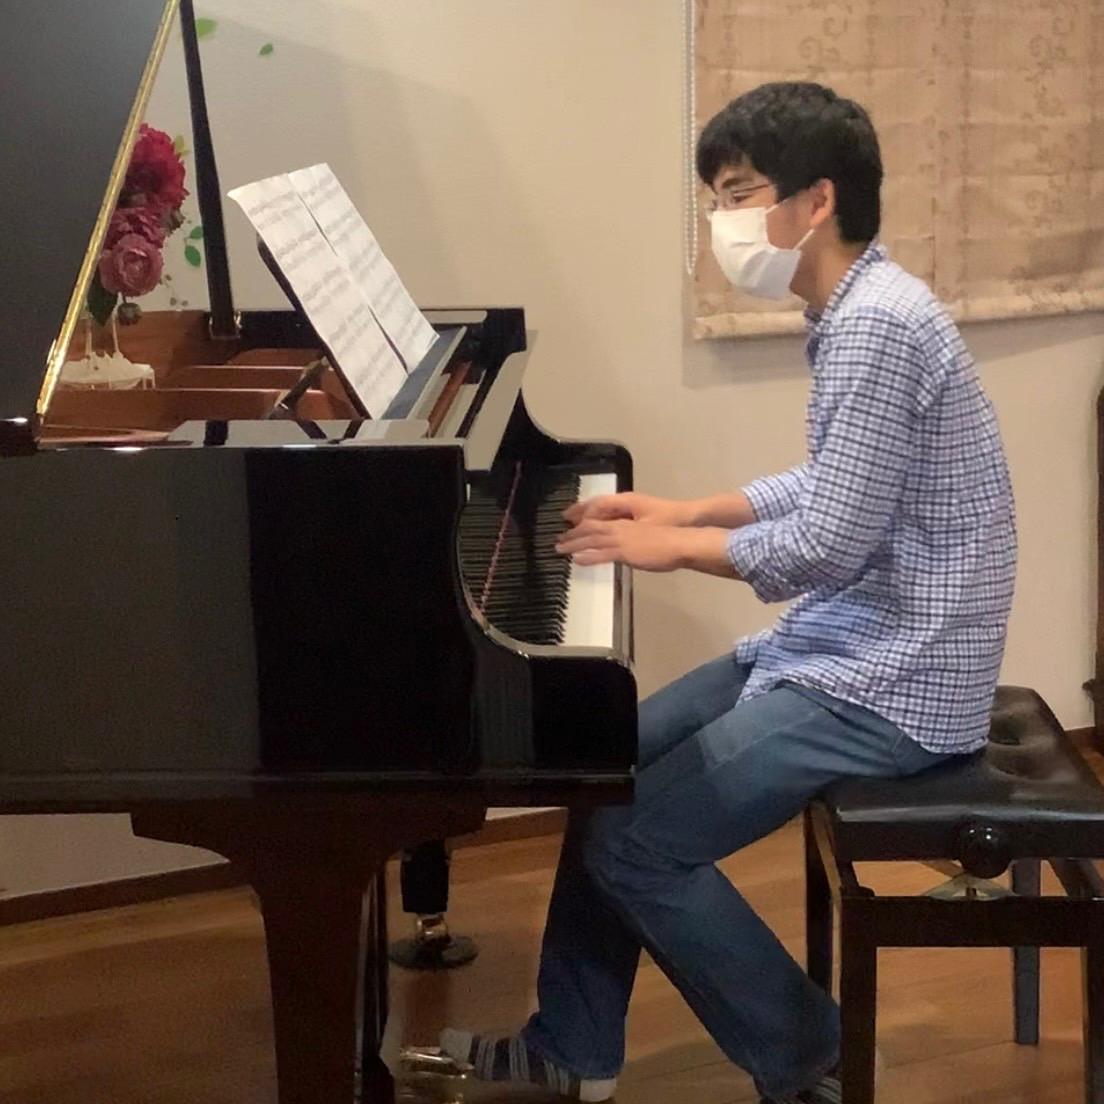 f:id:musique-ami-piano:20210628225318j:plain